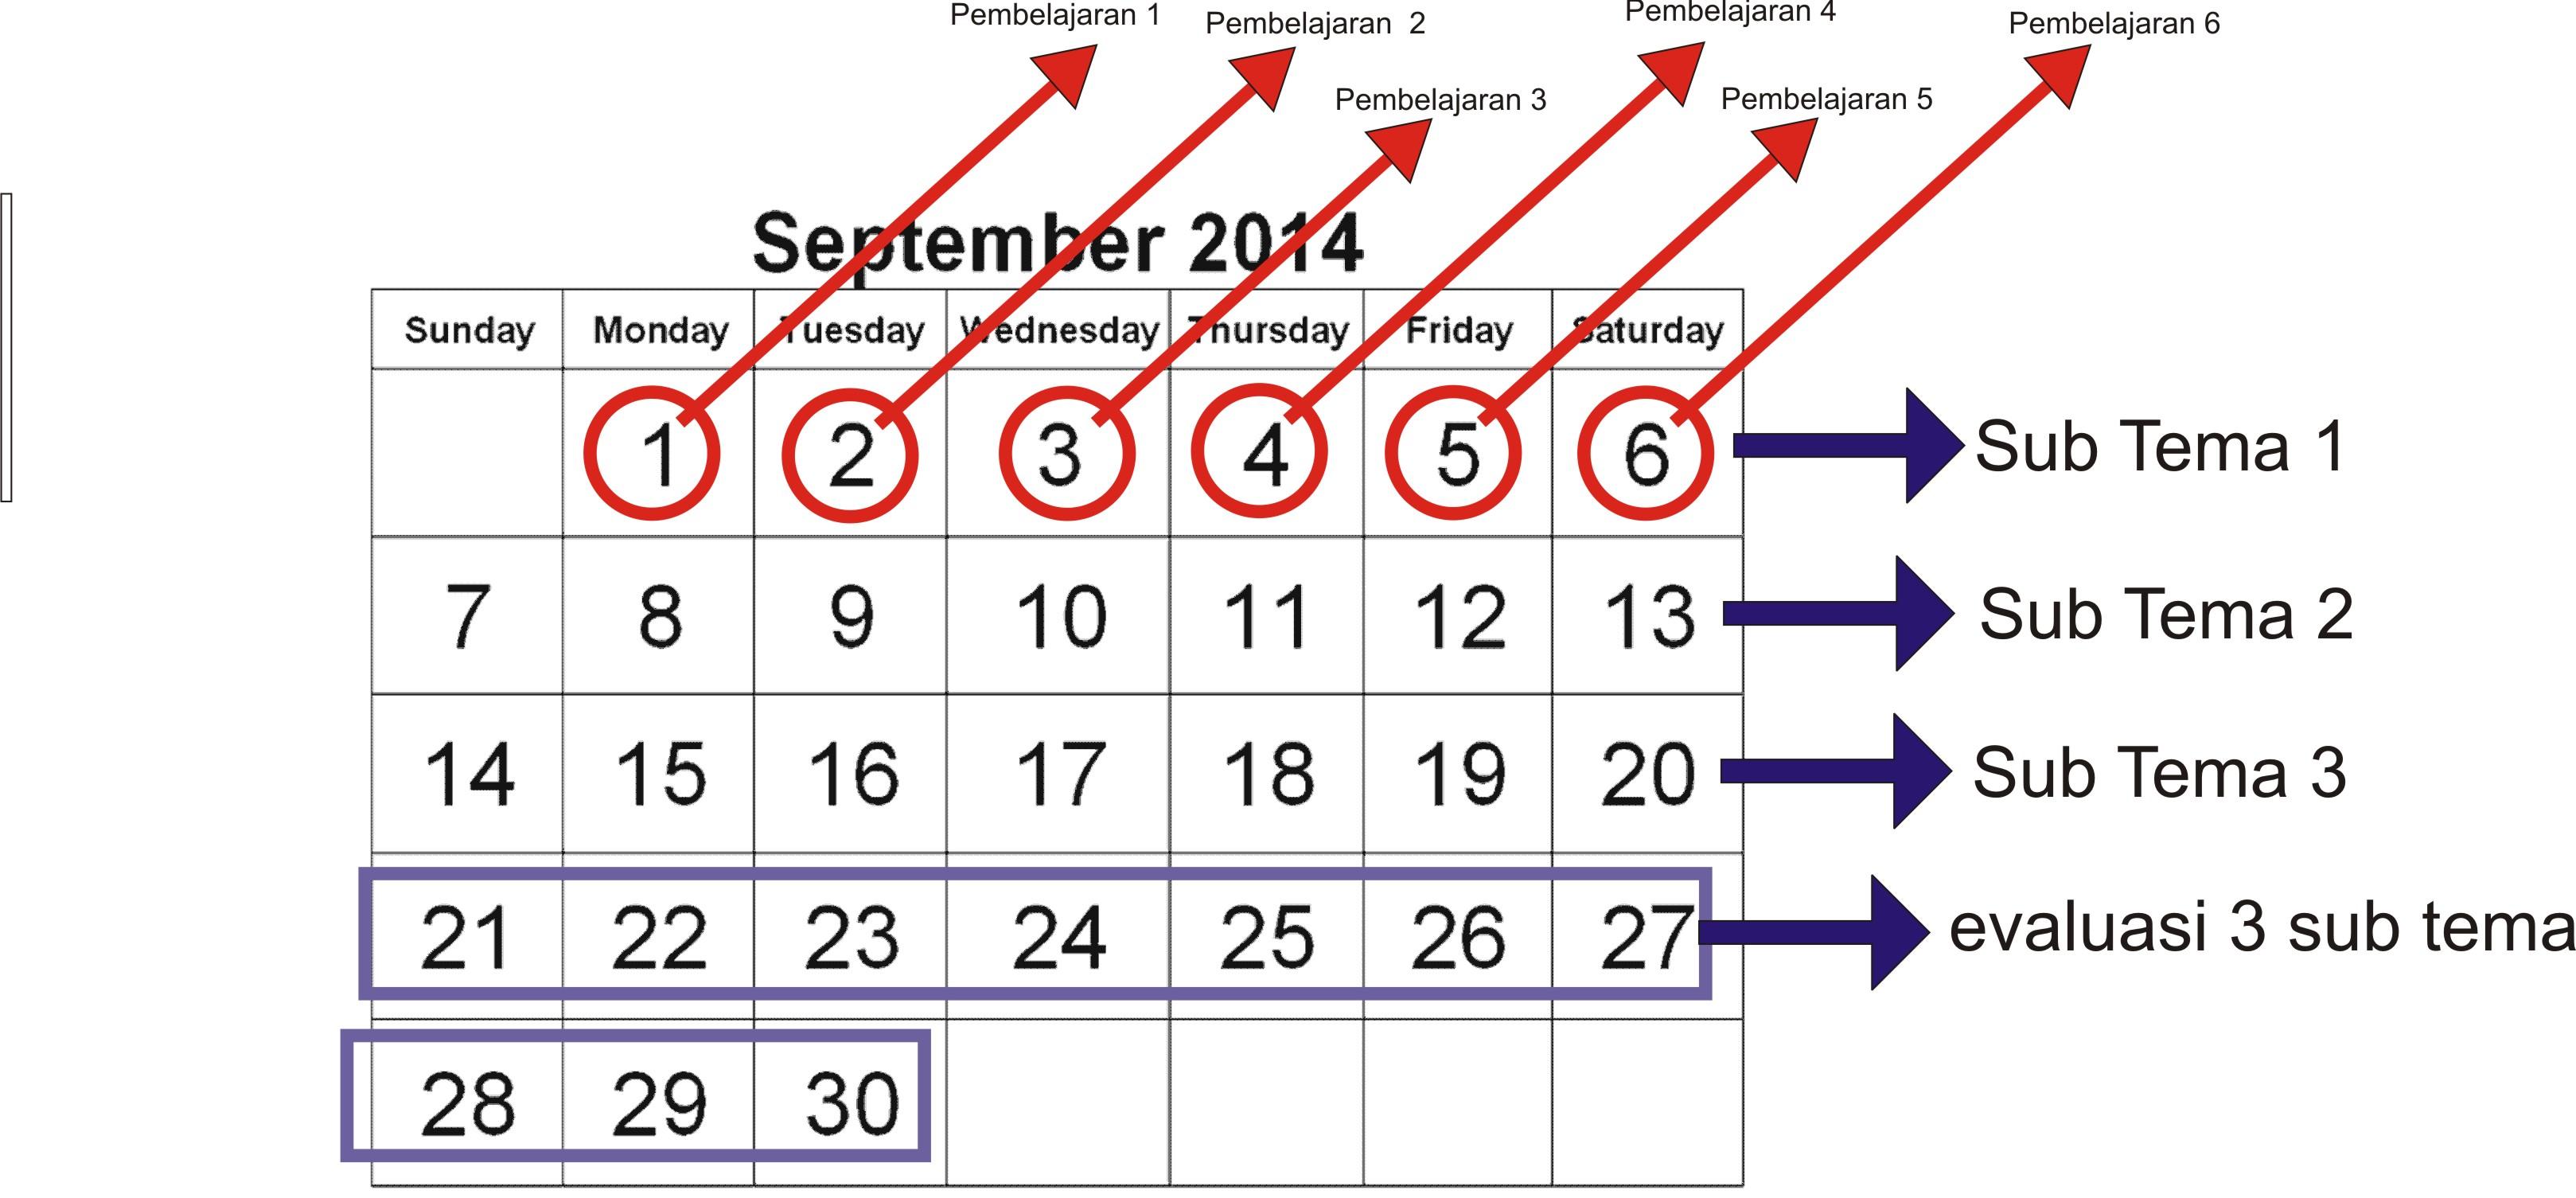 memfokuskan pelajaran dasar yang tetap muncul seperti Bahasa Indonesia Matematika IPA IPS SBdP tanpa harus menghilangkan tema inti pembelajaran